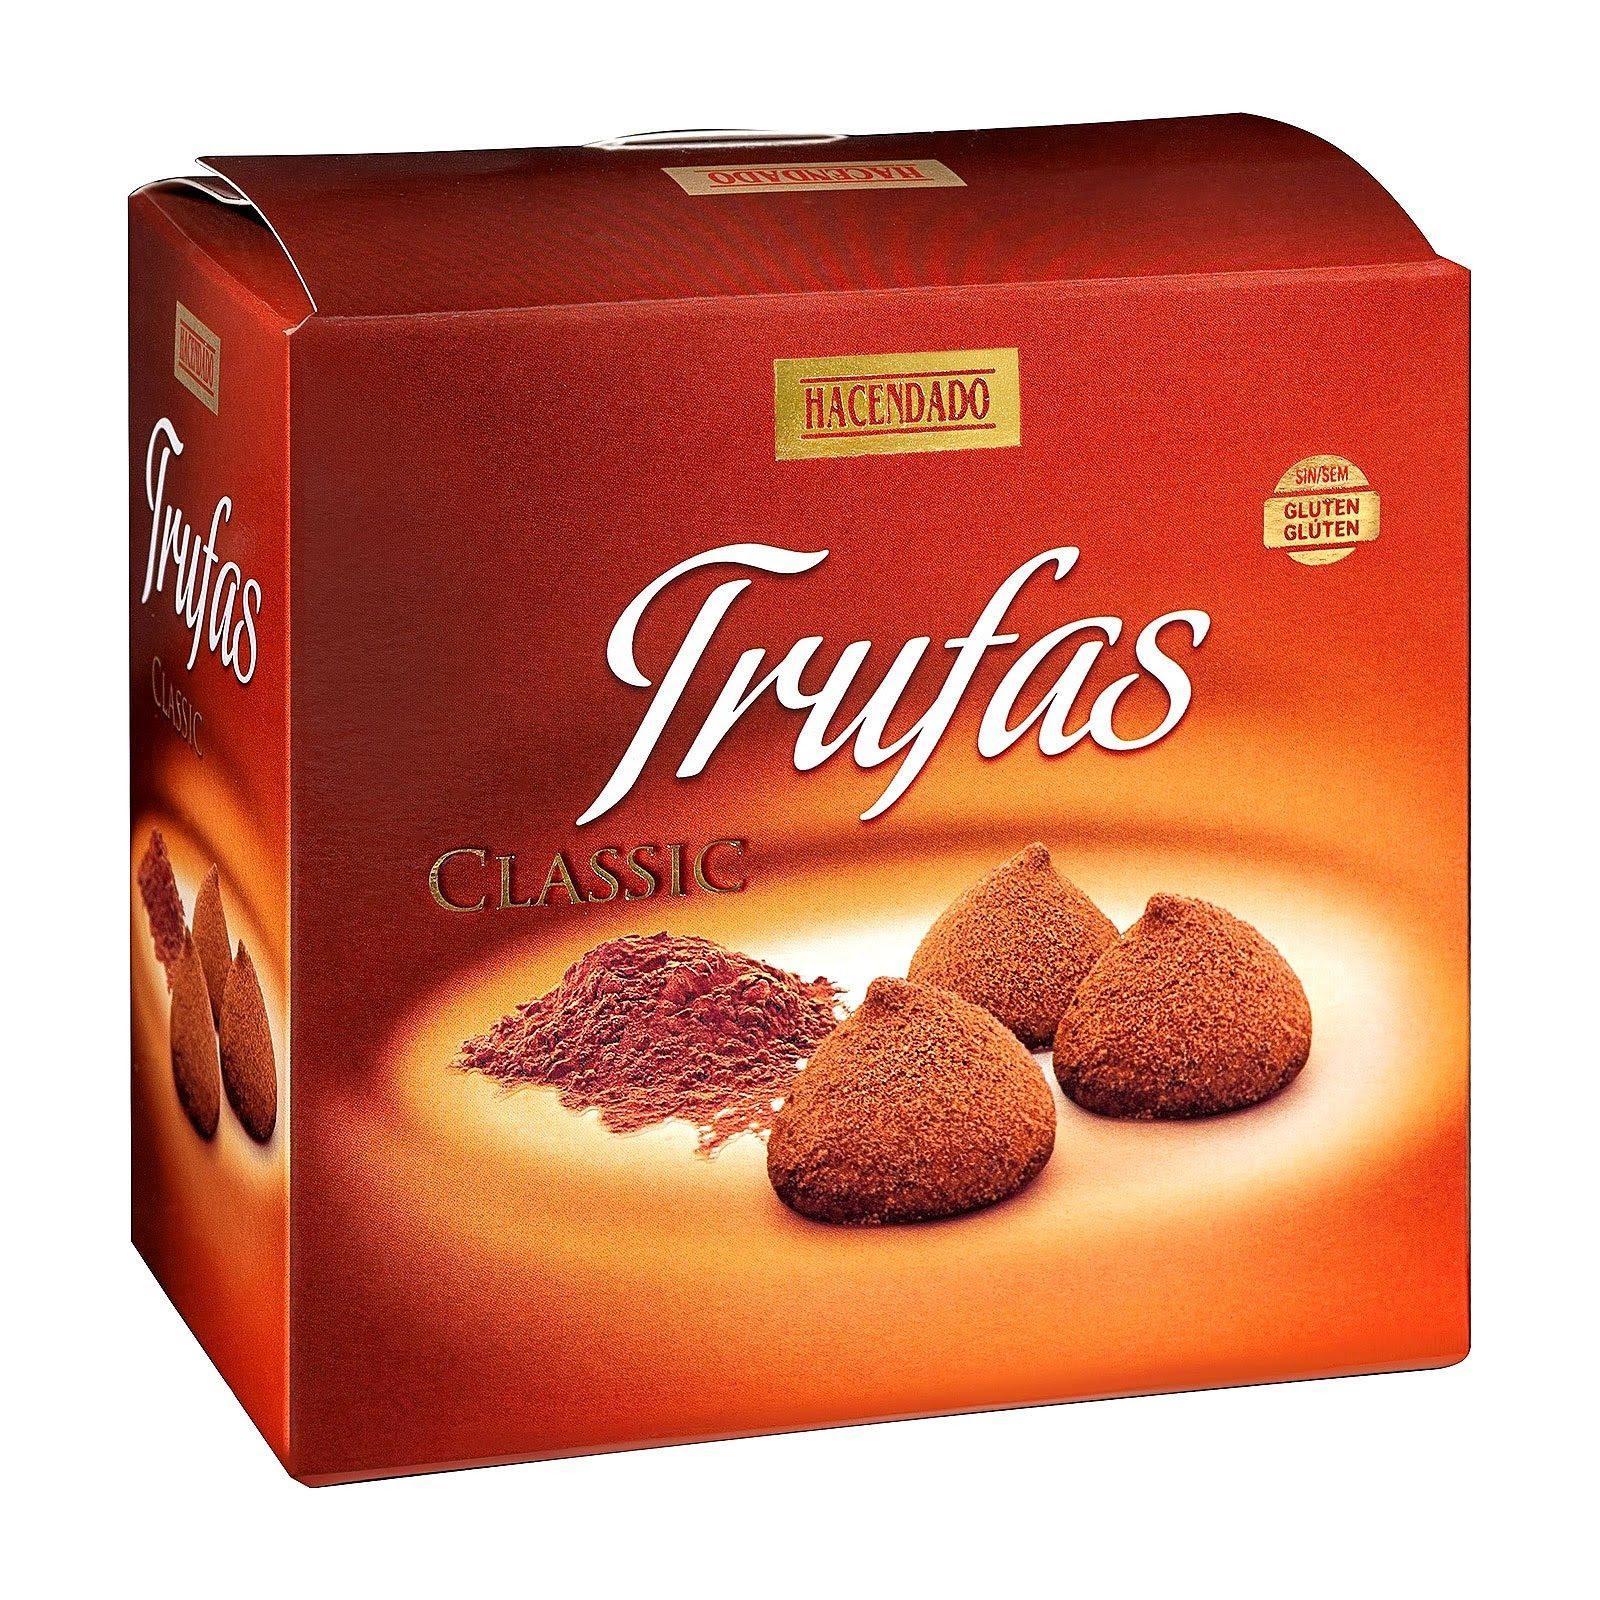 trufas-clasicas-al-cacao-hacendado-mercadona-1-2297602